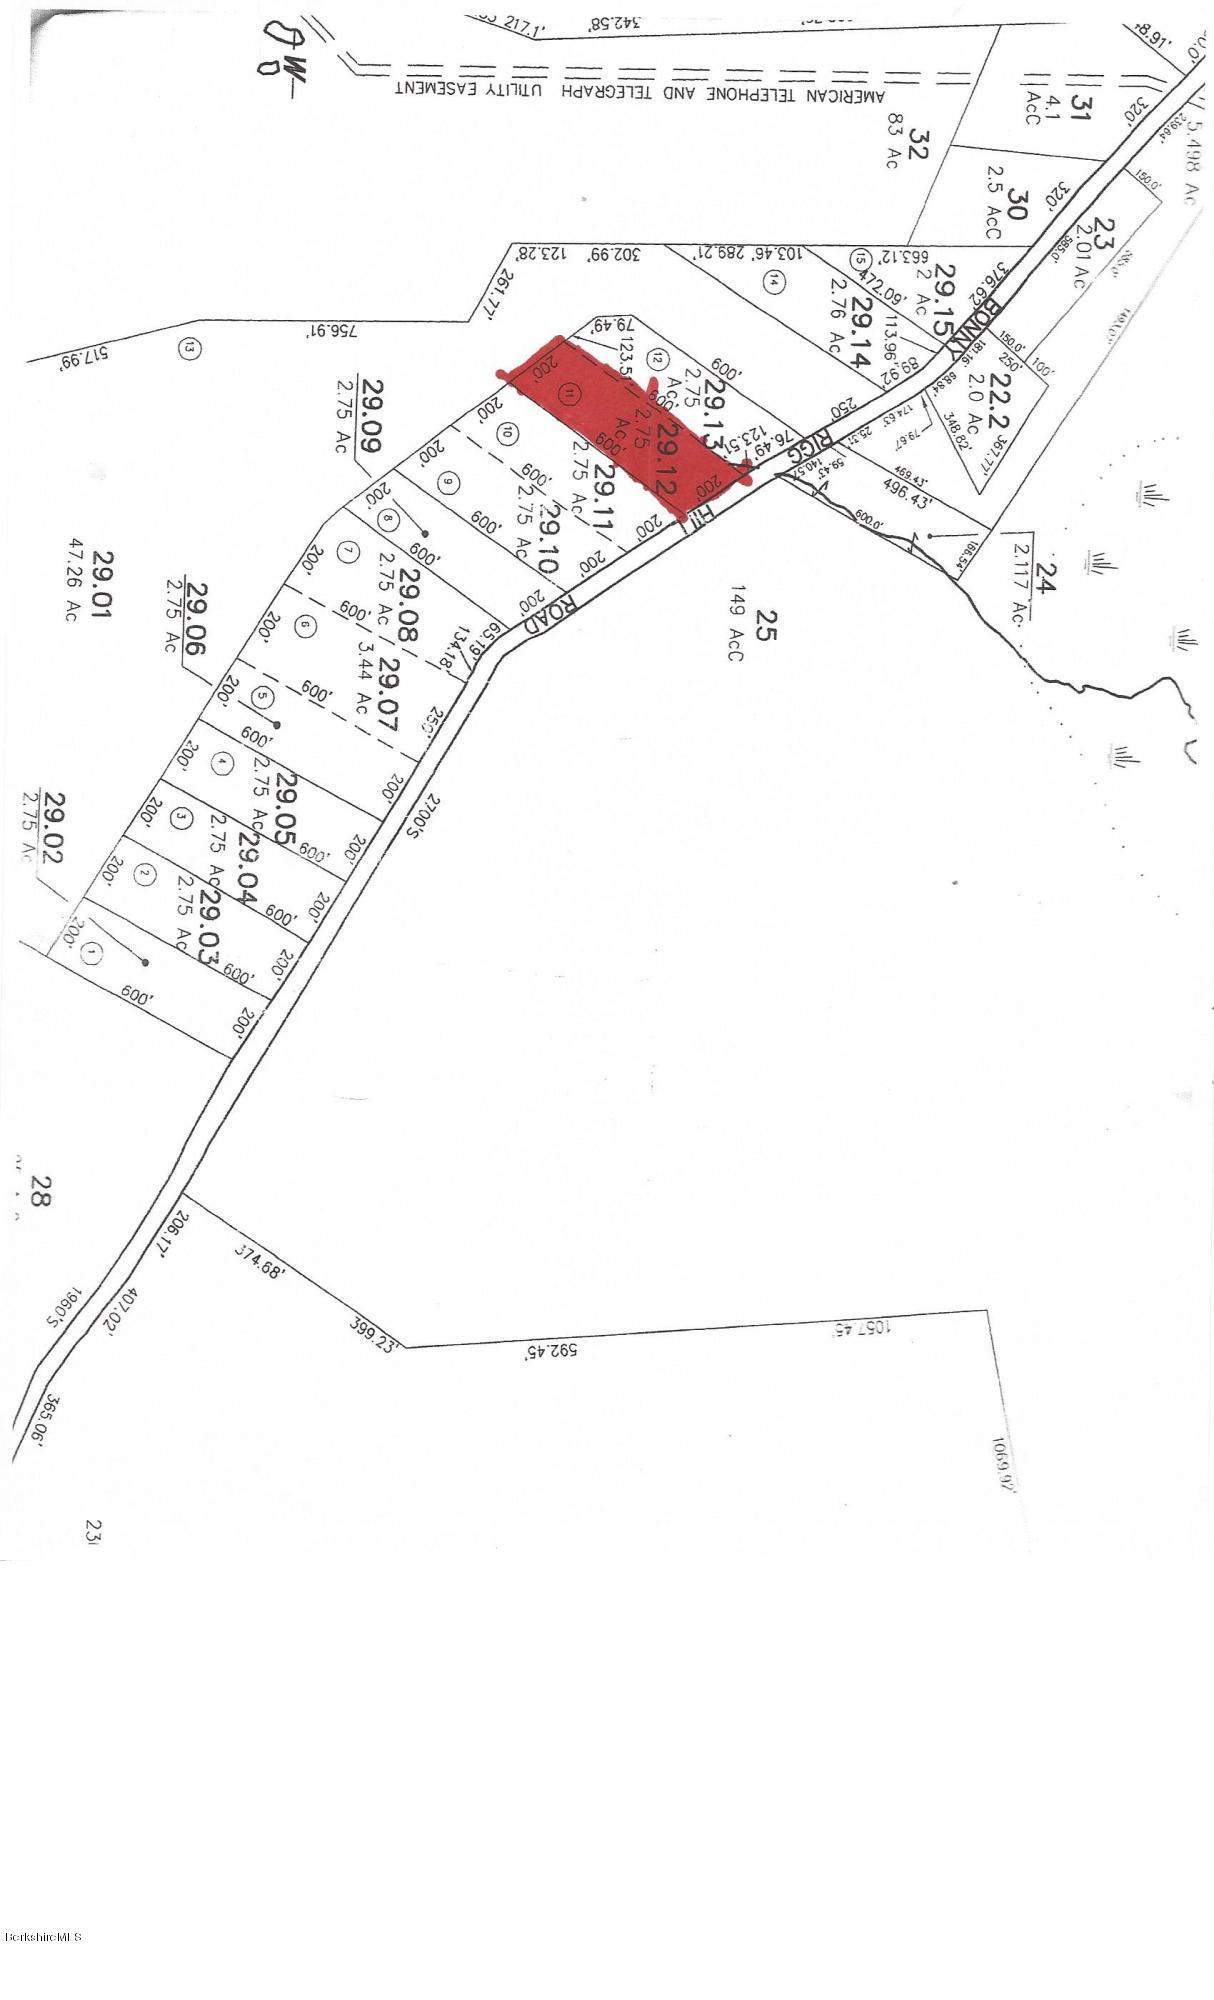 Lot 29.12 Bonny Rigg Hill Rd Becket MA 01223